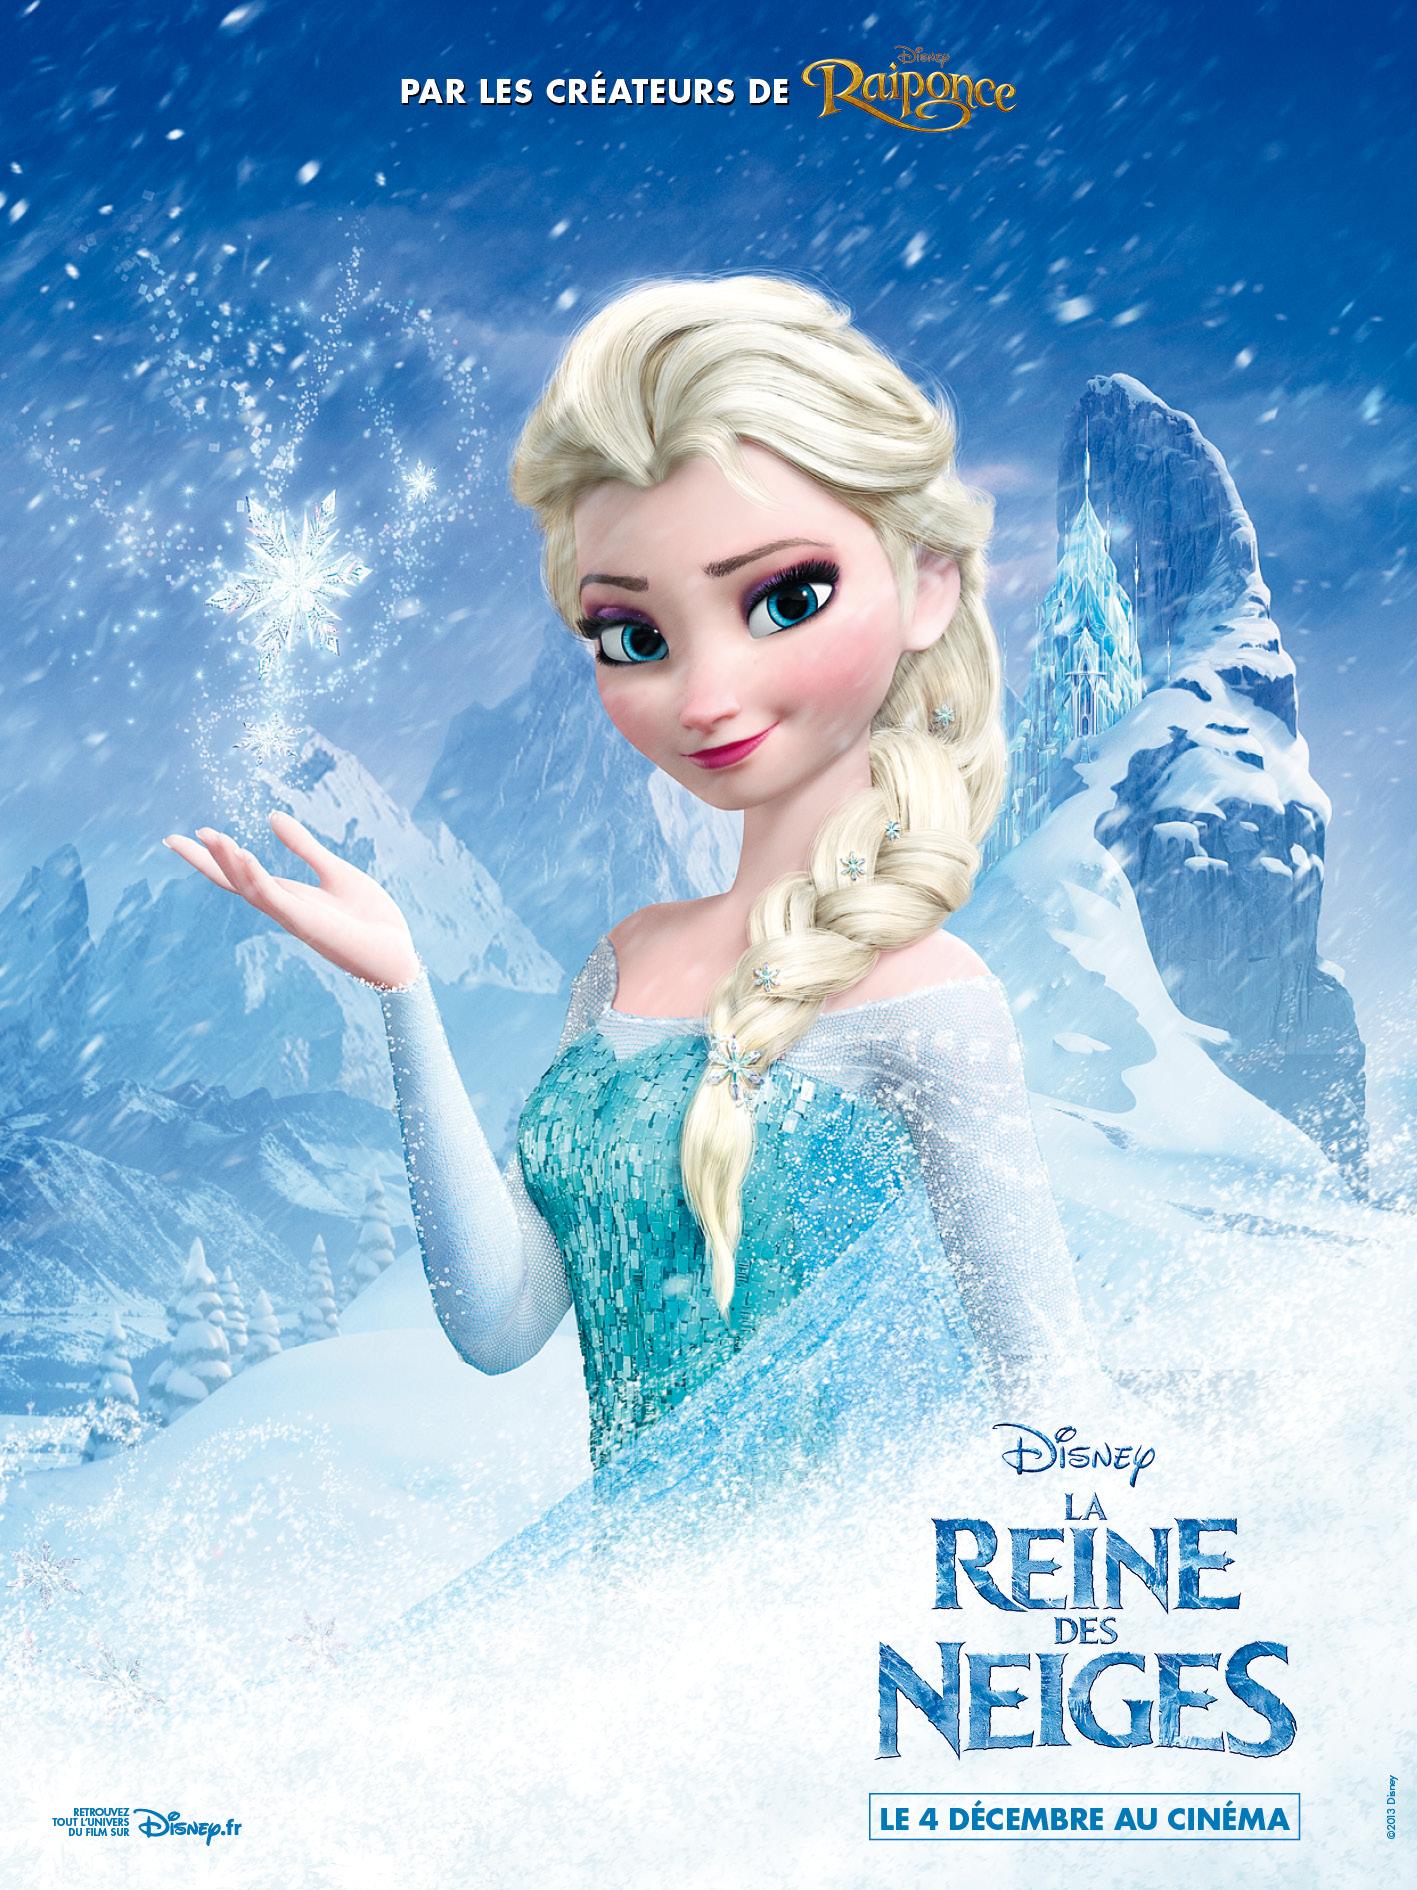 La reine des neiges un disney qui laisse froid critique - La reine de neige ...